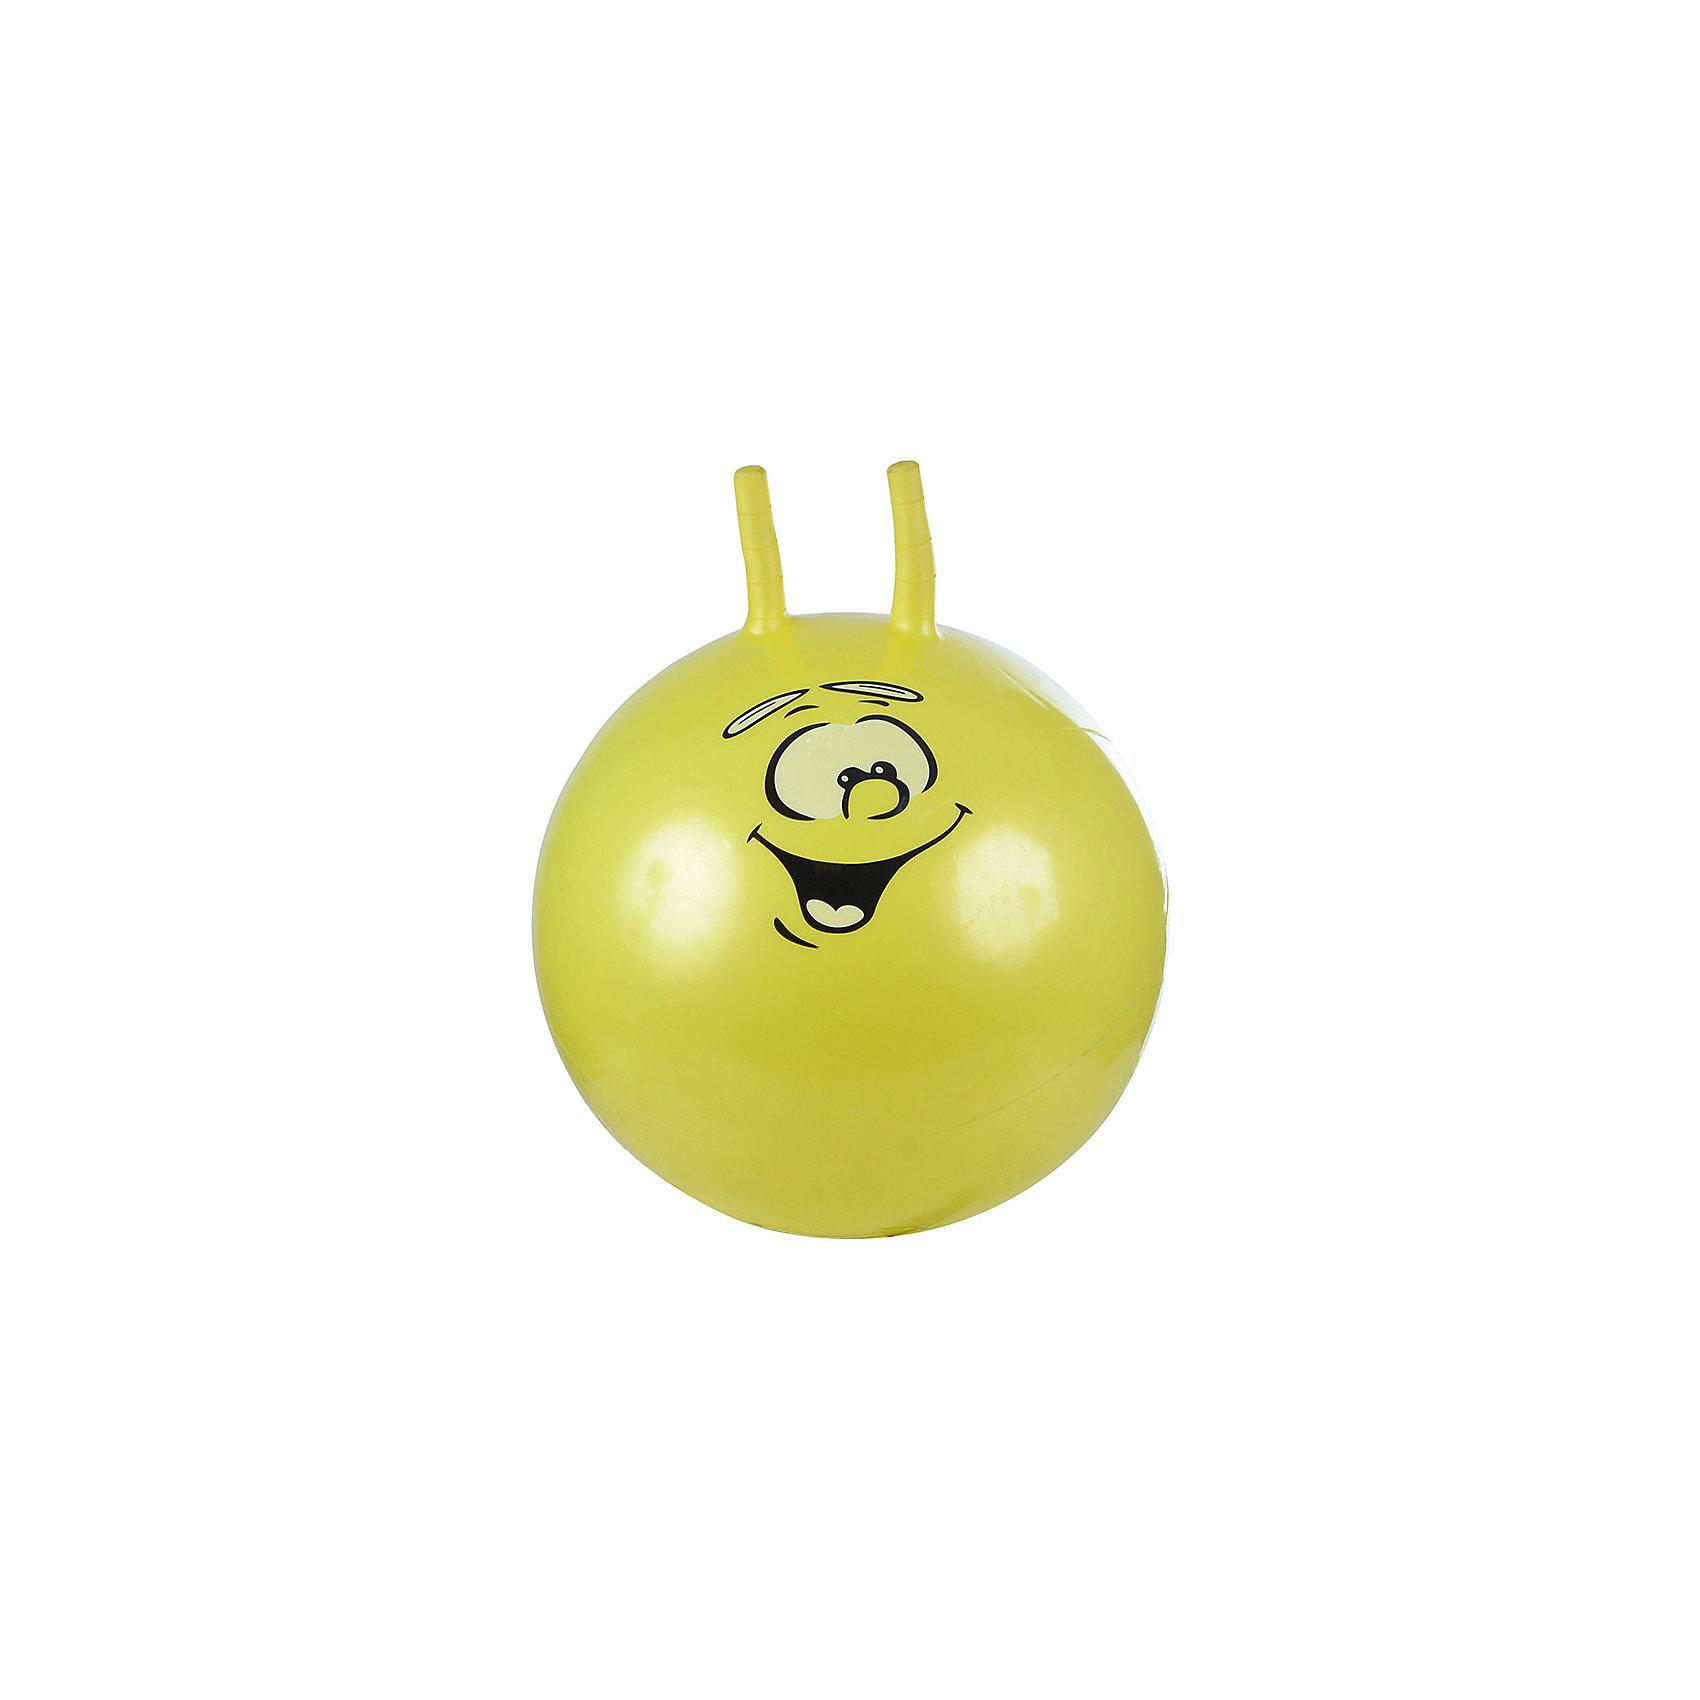 Надувной мяч Смайлик, 55см, желтый, SPRING<br><br>Ширина мм: 550<br>Глубина мм: 550<br>Высота мм: 550<br>Вес г: 600<br>Возраст от месяцев: 36<br>Возраст до месяцев: 120<br>Пол: Унисекс<br>Возраст: Детский<br>SKU: 4785524